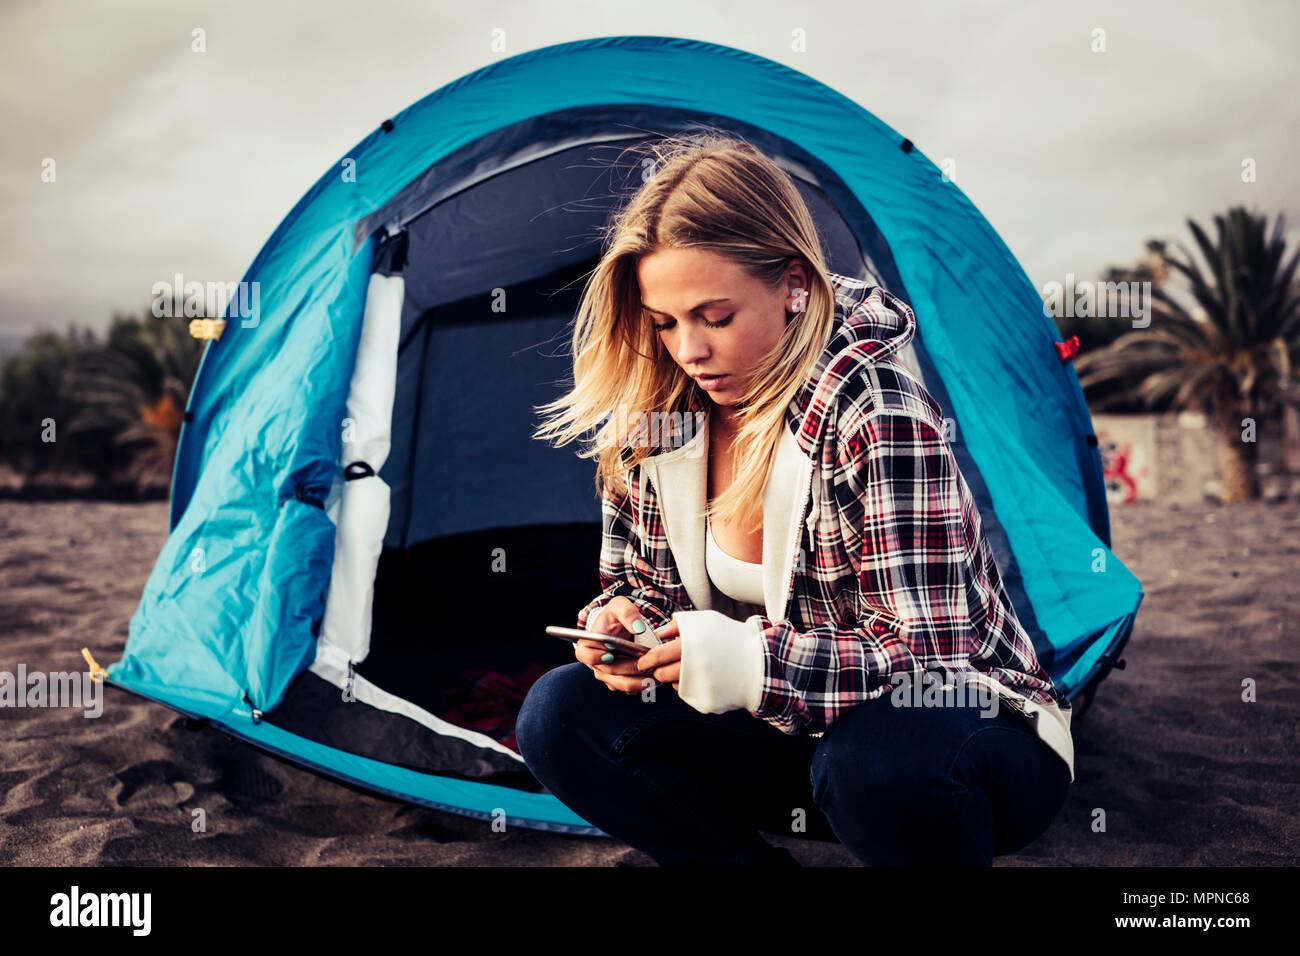 Siempre conectado con tecnología joven rubia permanecer fuera de su tienda de campaña en la playa para gozar de la libertad de trabajo. Imagen De Stock